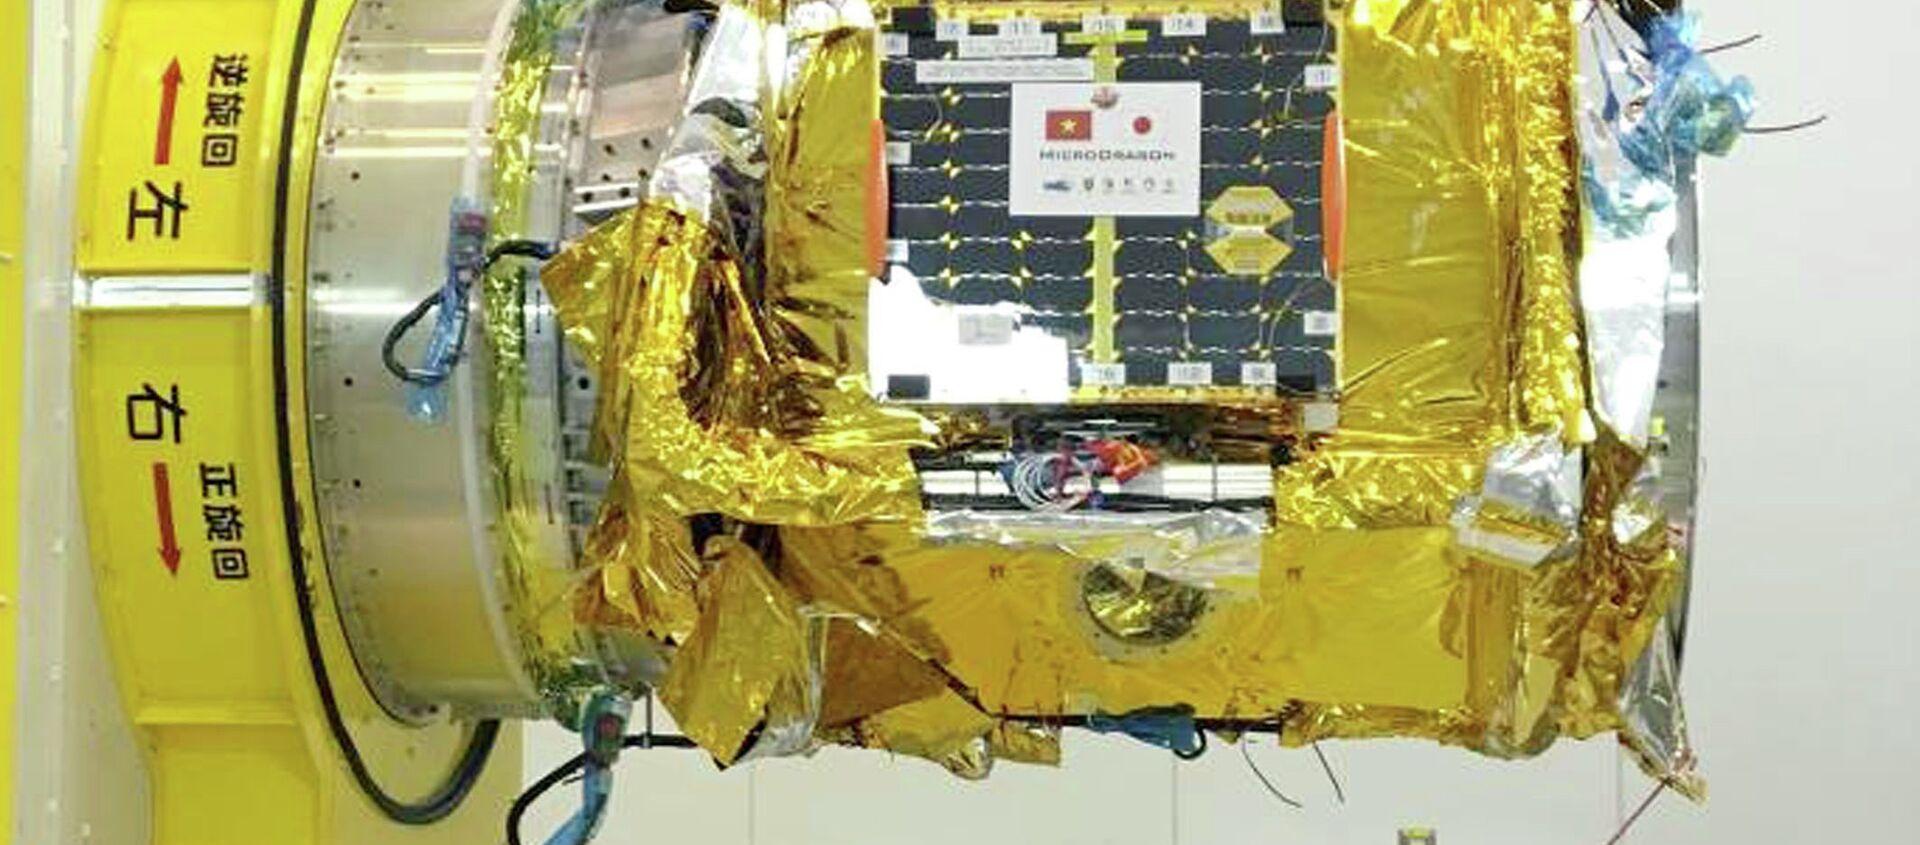 Vệ tinh MicroDragon trong thử nghiệm của JAXA - Sputnik Việt Nam, 1920, 21.01.2019